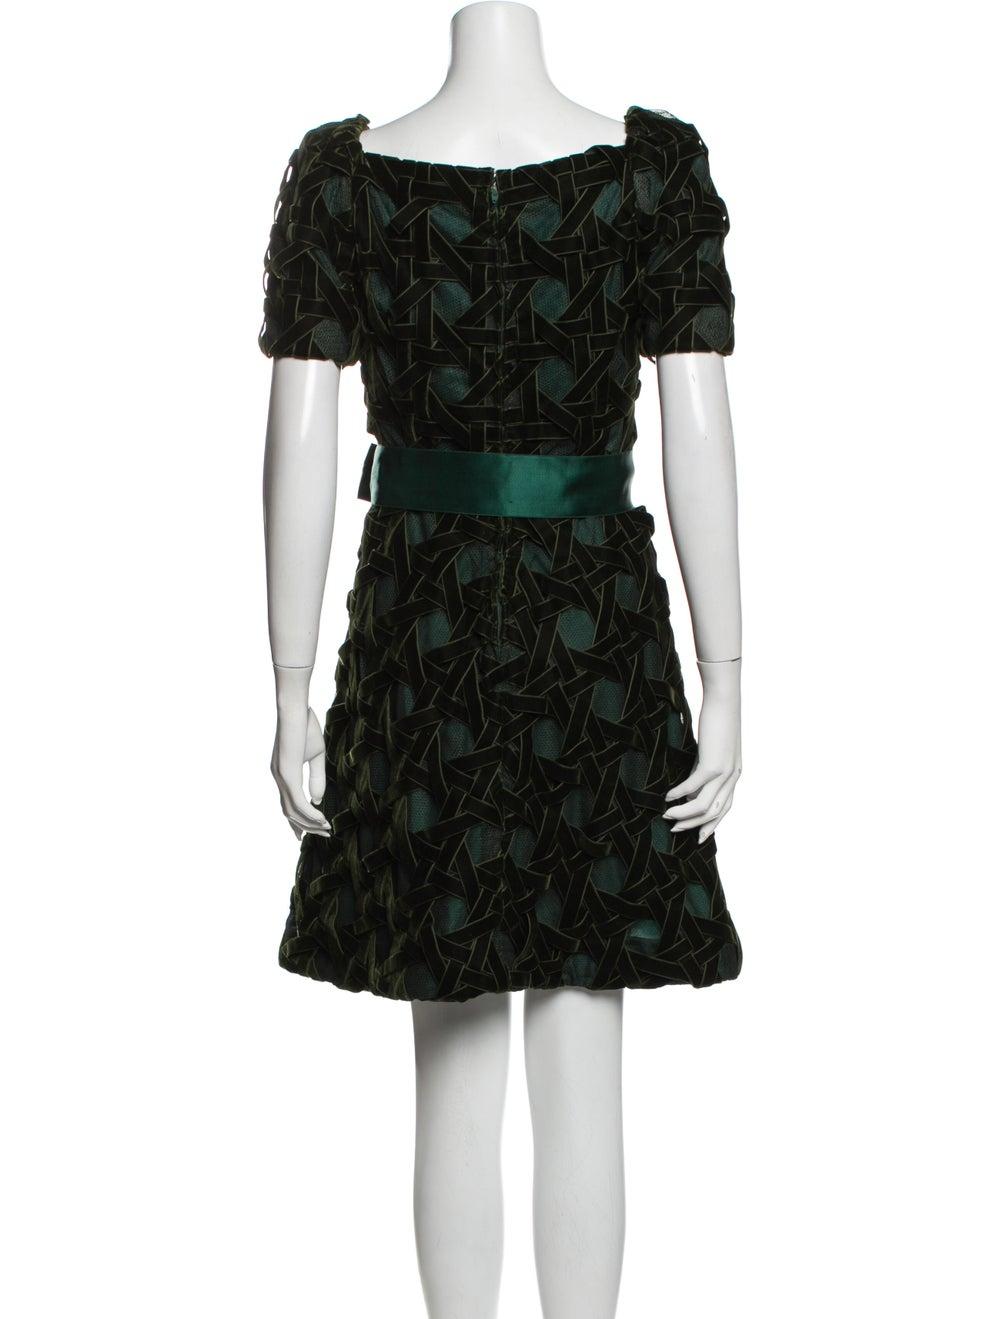 Arnold Scaasi Printed Mini Dress Green - image 3